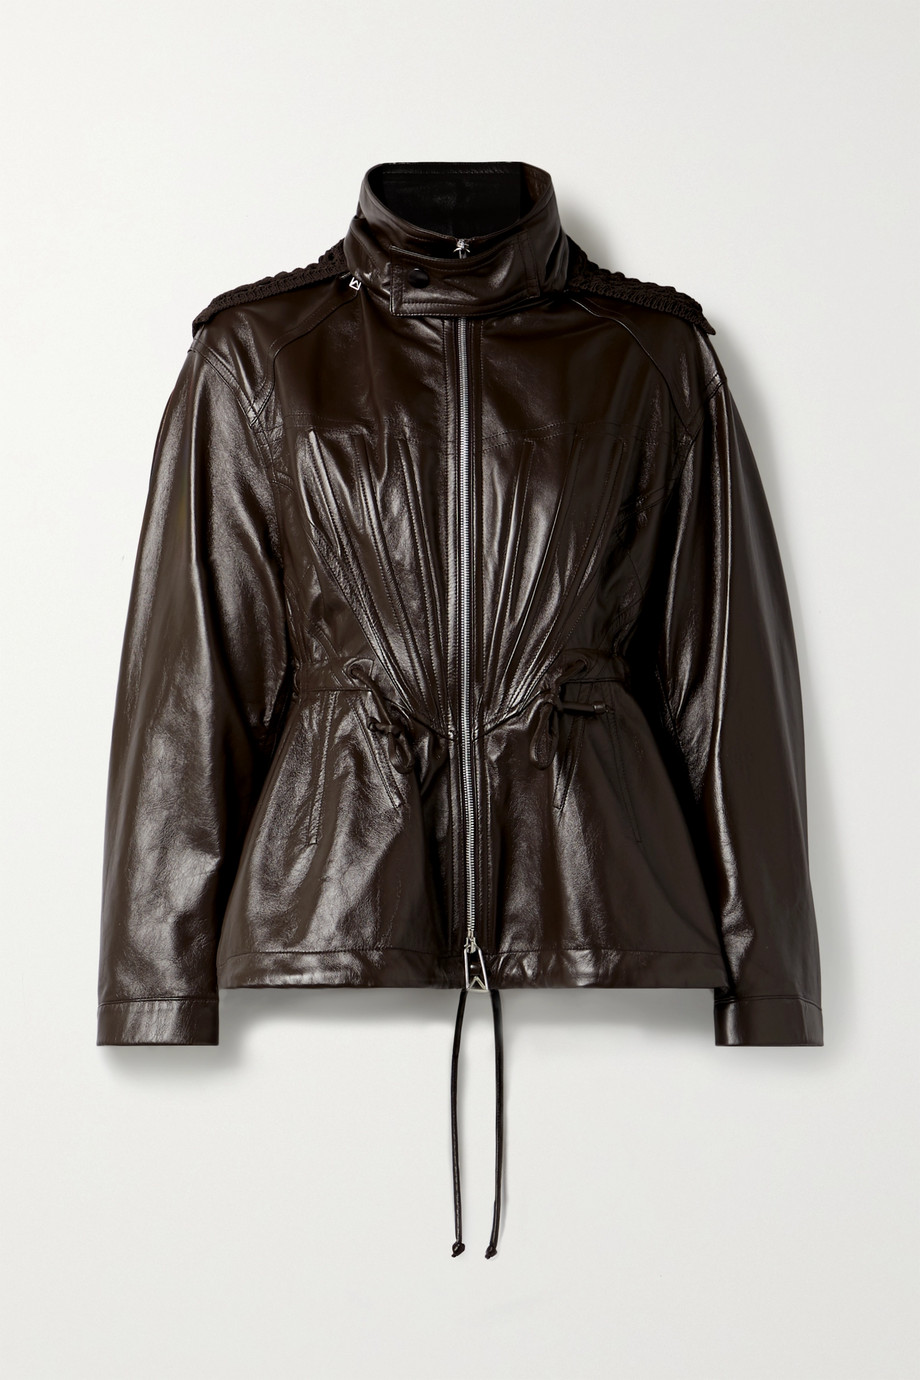 Bottega Veneta Macramé-trimmed leather jacket